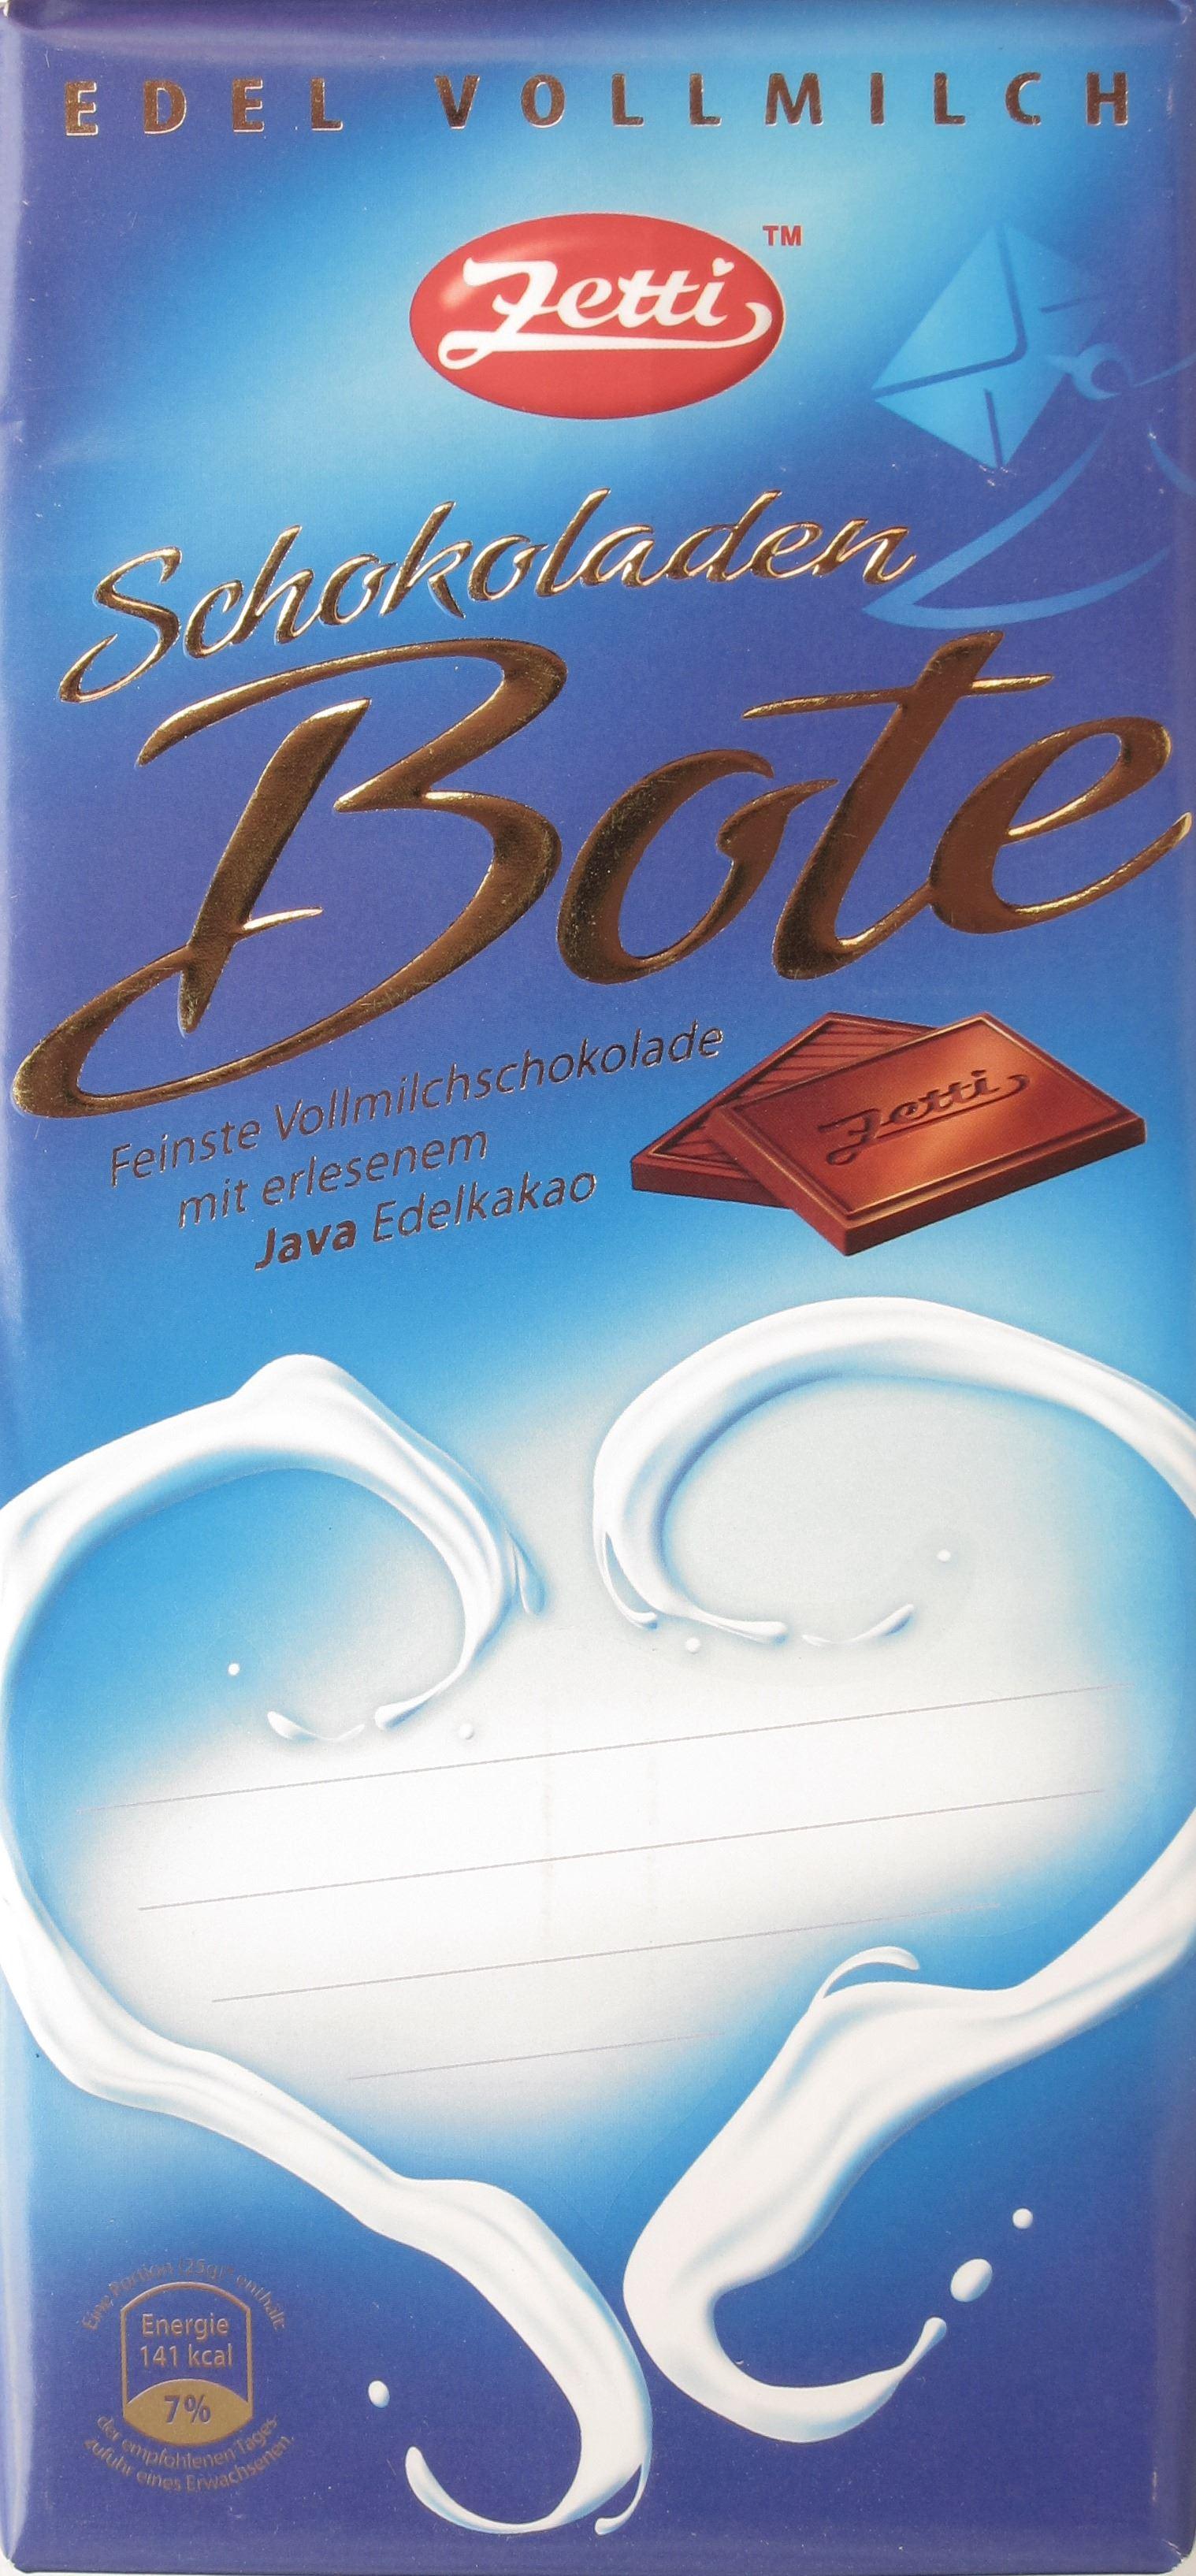 Zetti Vollmilchschokolade